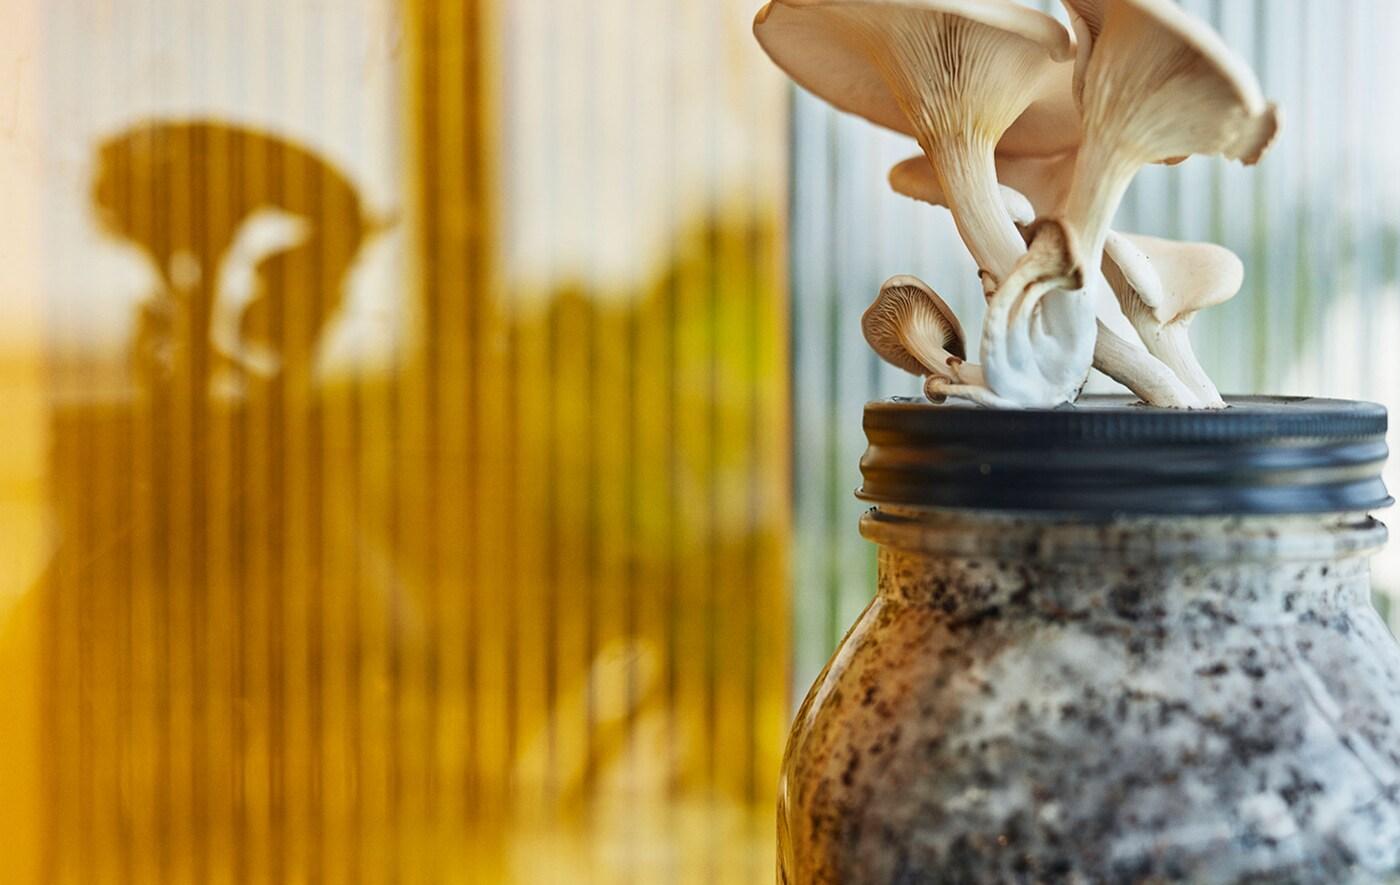 مجموعة من الفطر تتبرعم من خلال غطاء مرطبان زجاجي مملوءة إلى الحافة بغصينات الفطر وبقايا القهوة.